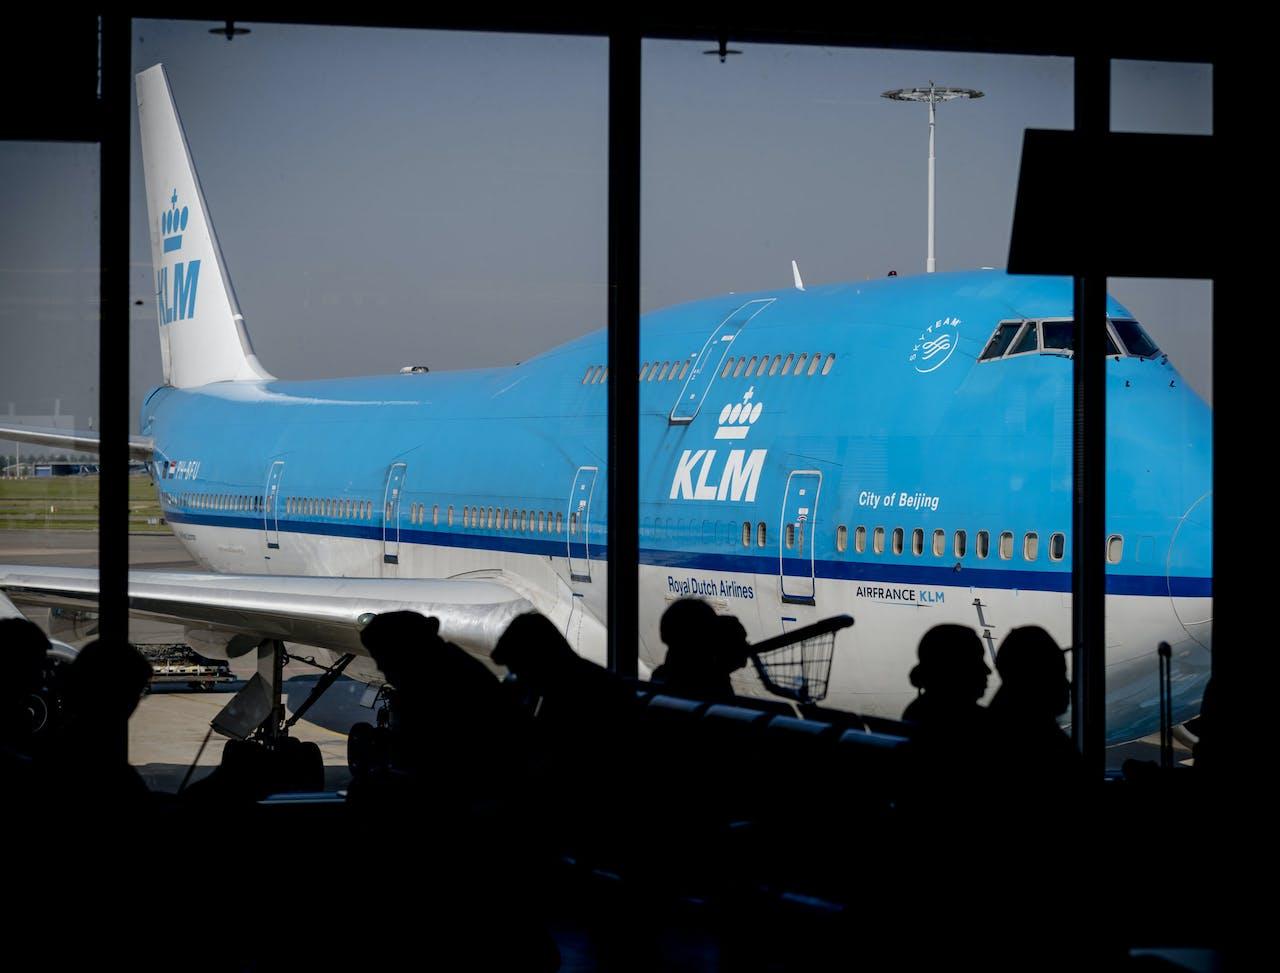 Een vliegtuig van luchtvaartmaatschappij KLM op Schiphol.